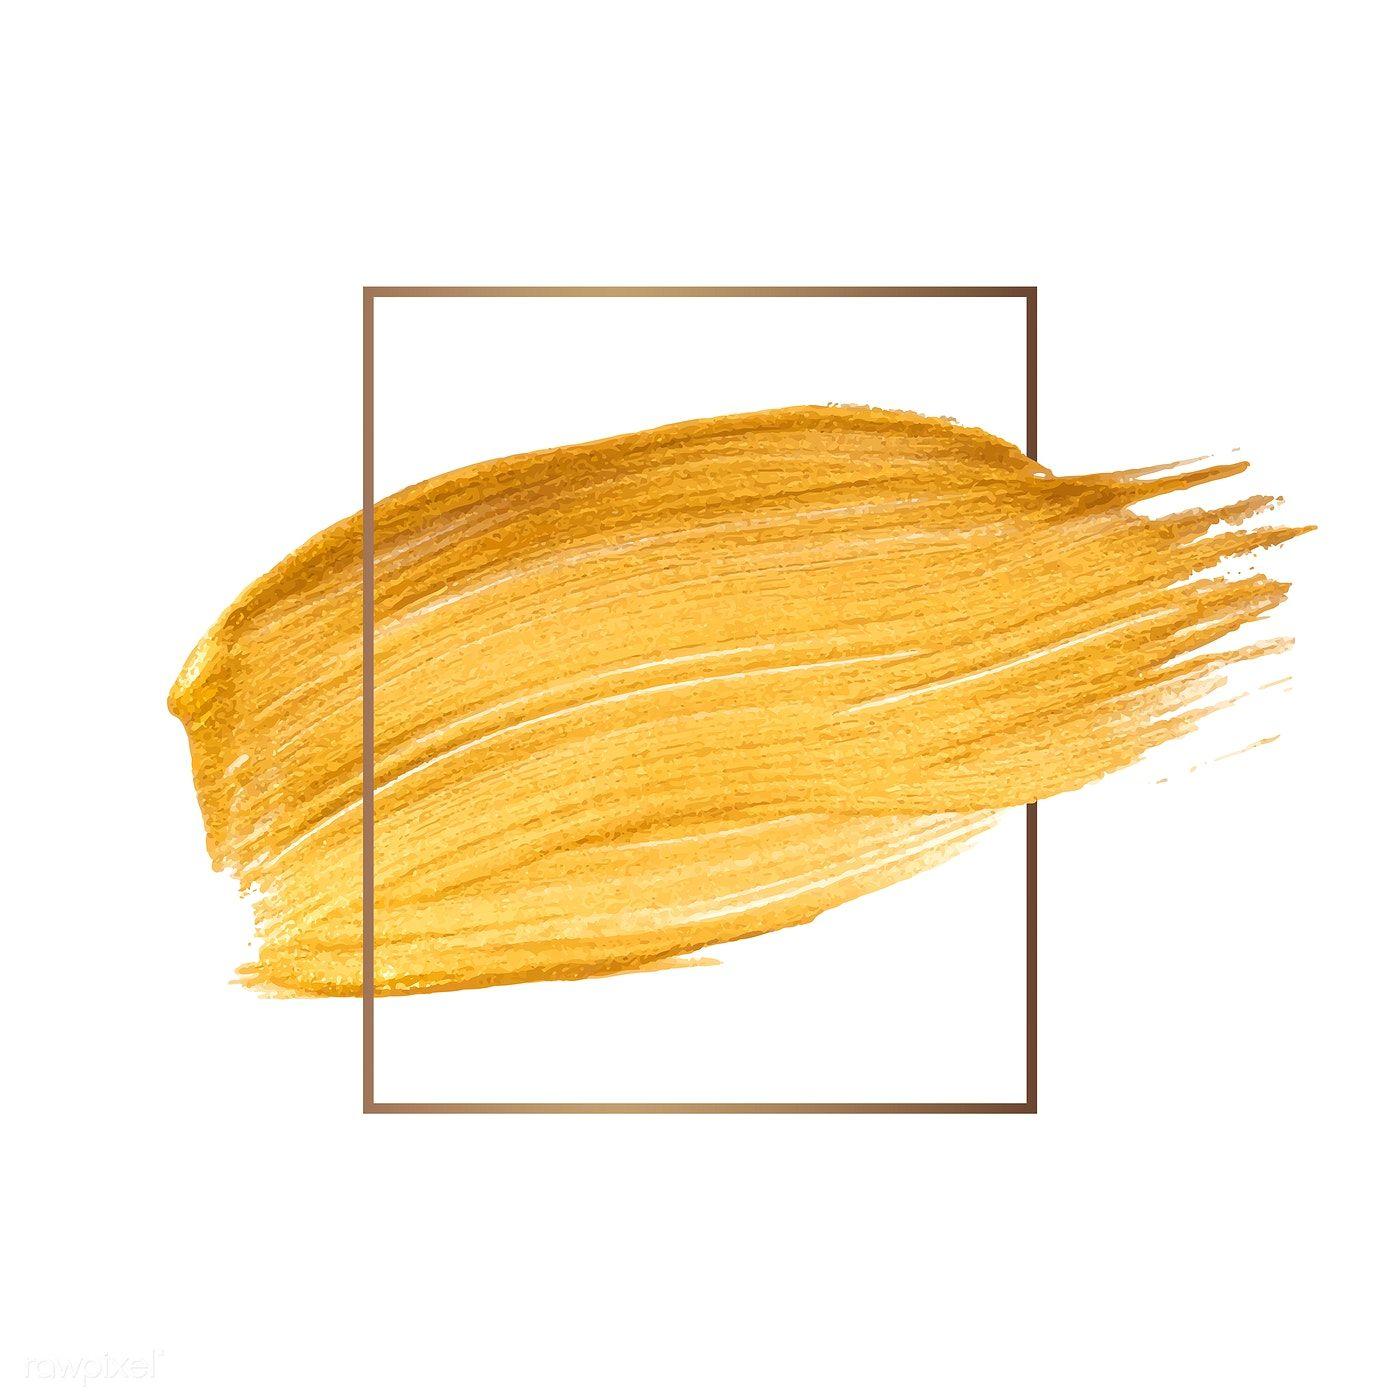 Golden Shimmery Brush Stroke Badge Vector